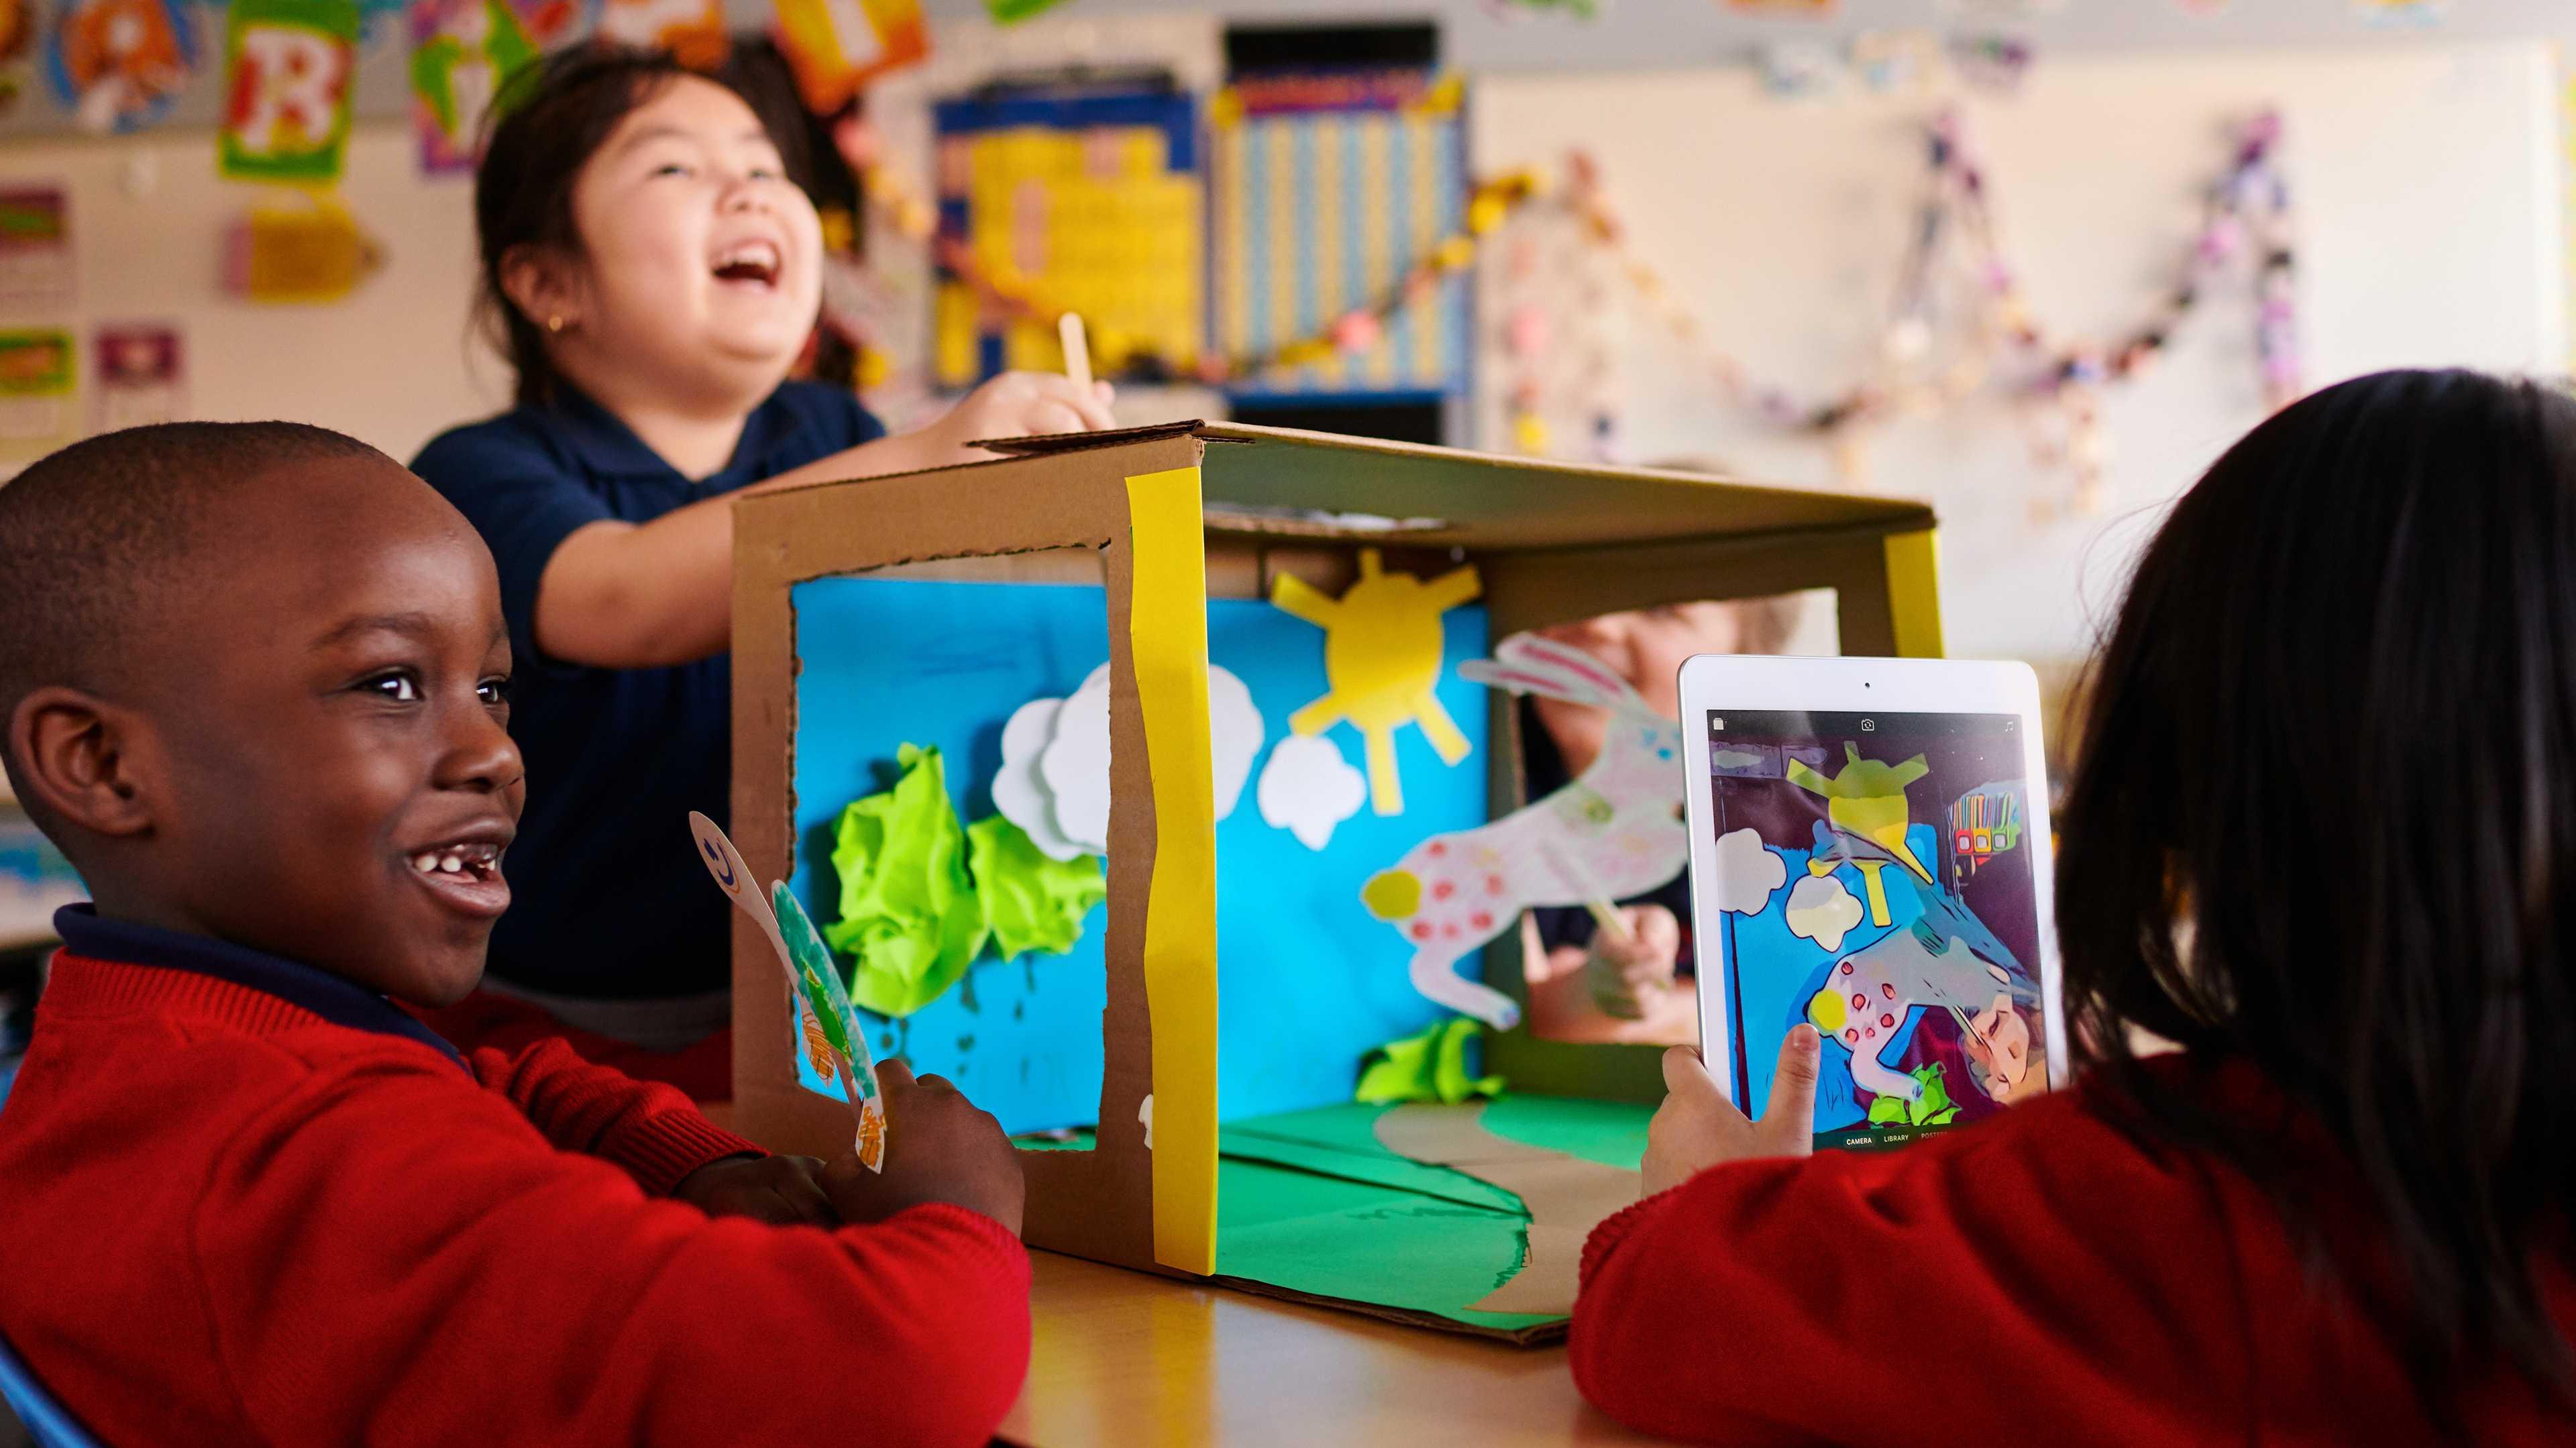 Apples Bildungsinitiative: Mit Datenschutz und Apps gegen Chromebooks